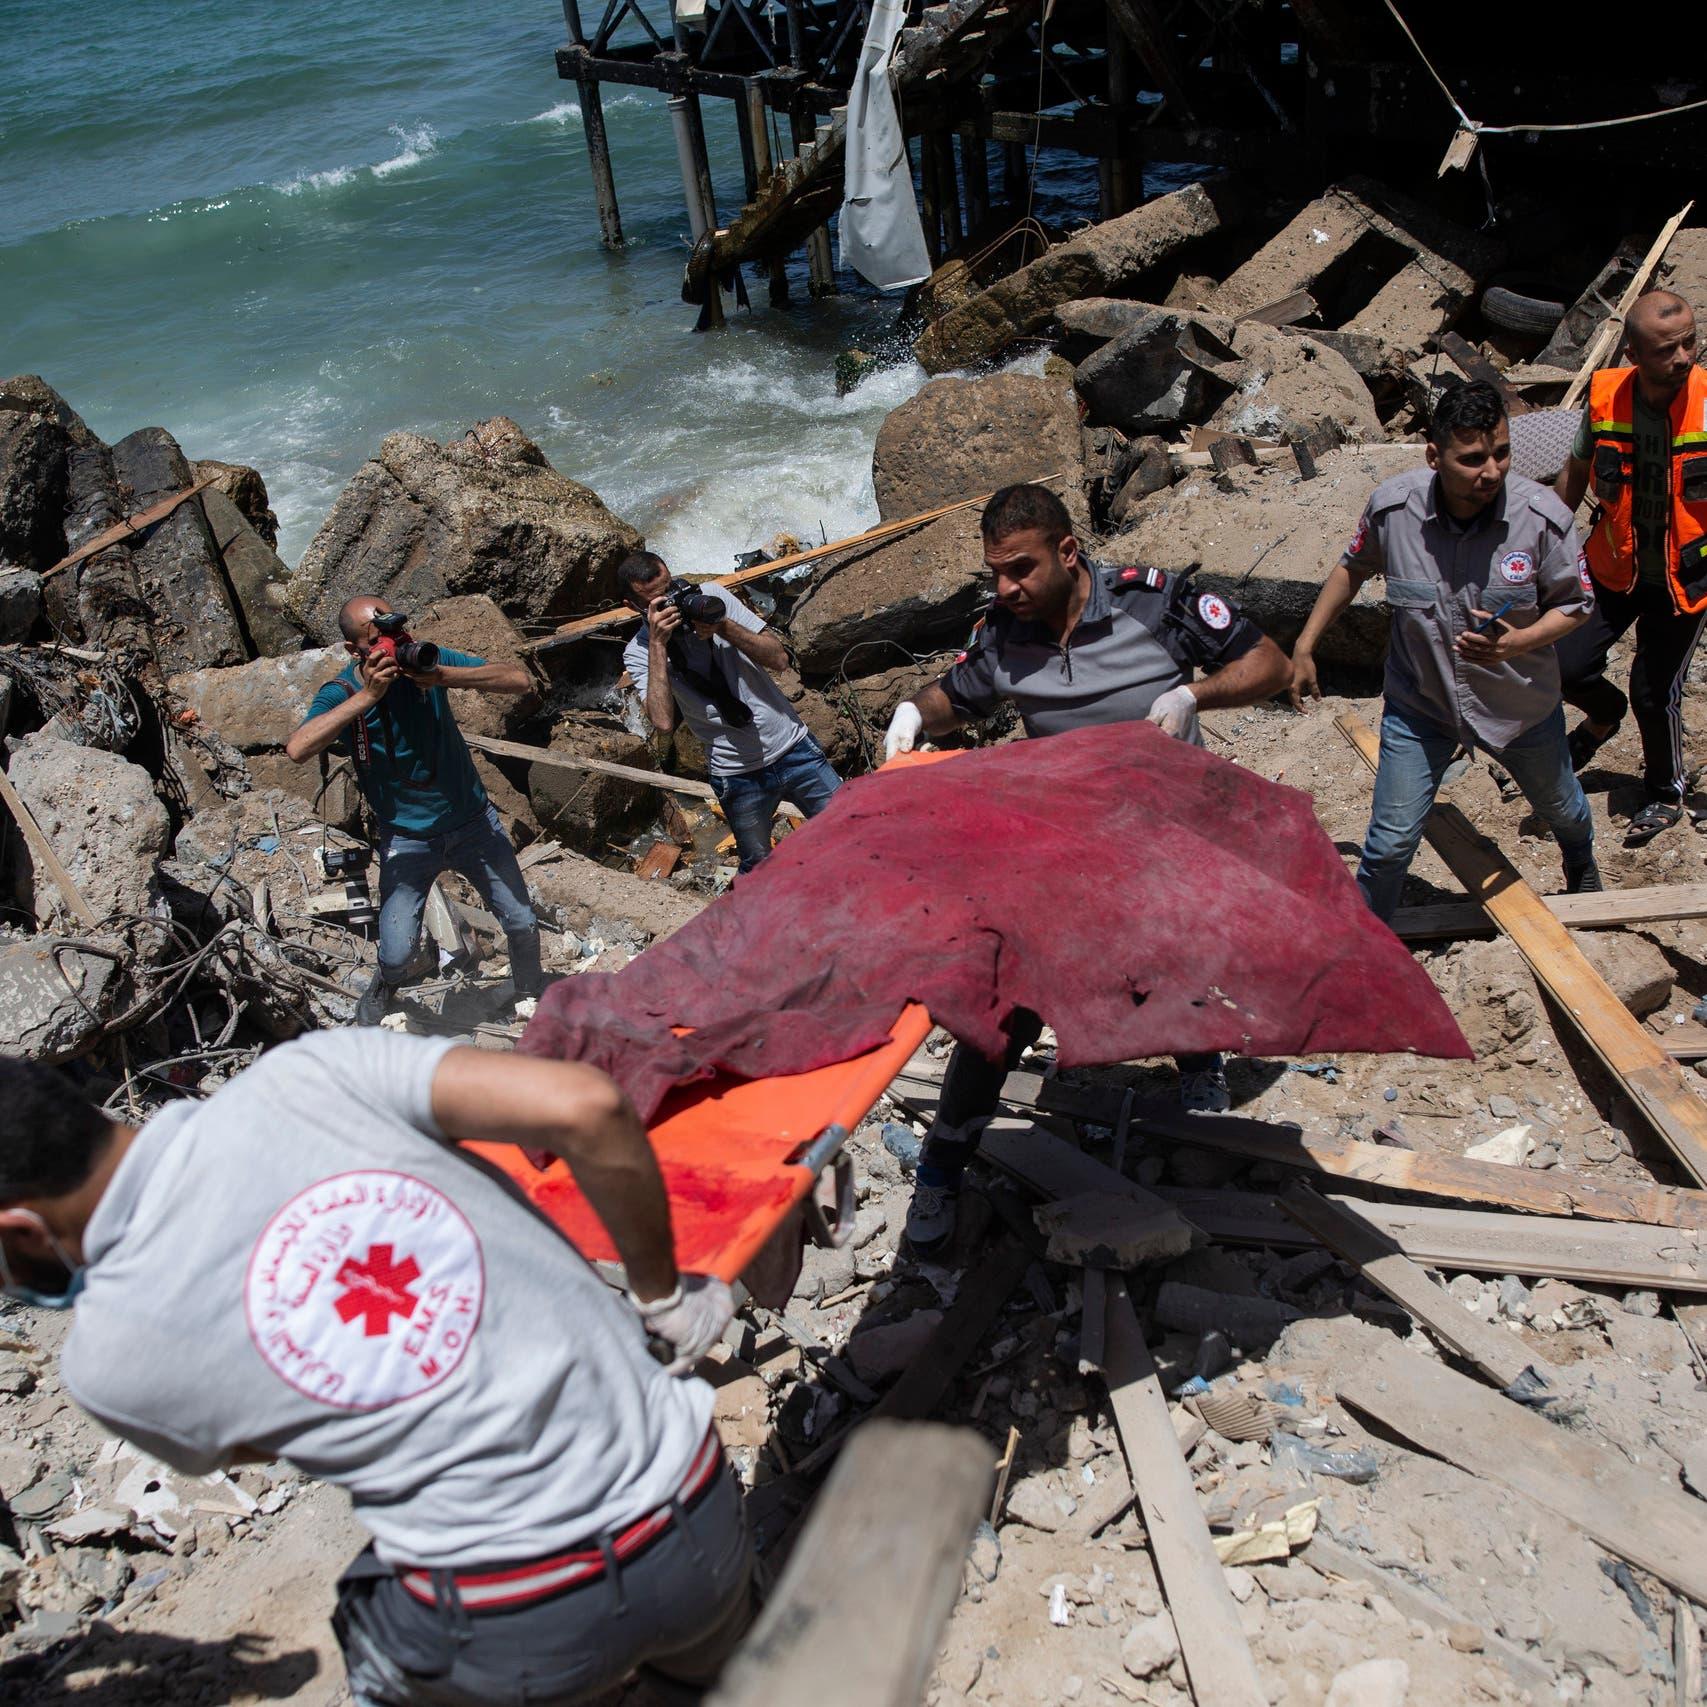 إسرائيل تهدد بقطع الكهرباء عن غزة.. والتهدئة بعيدة